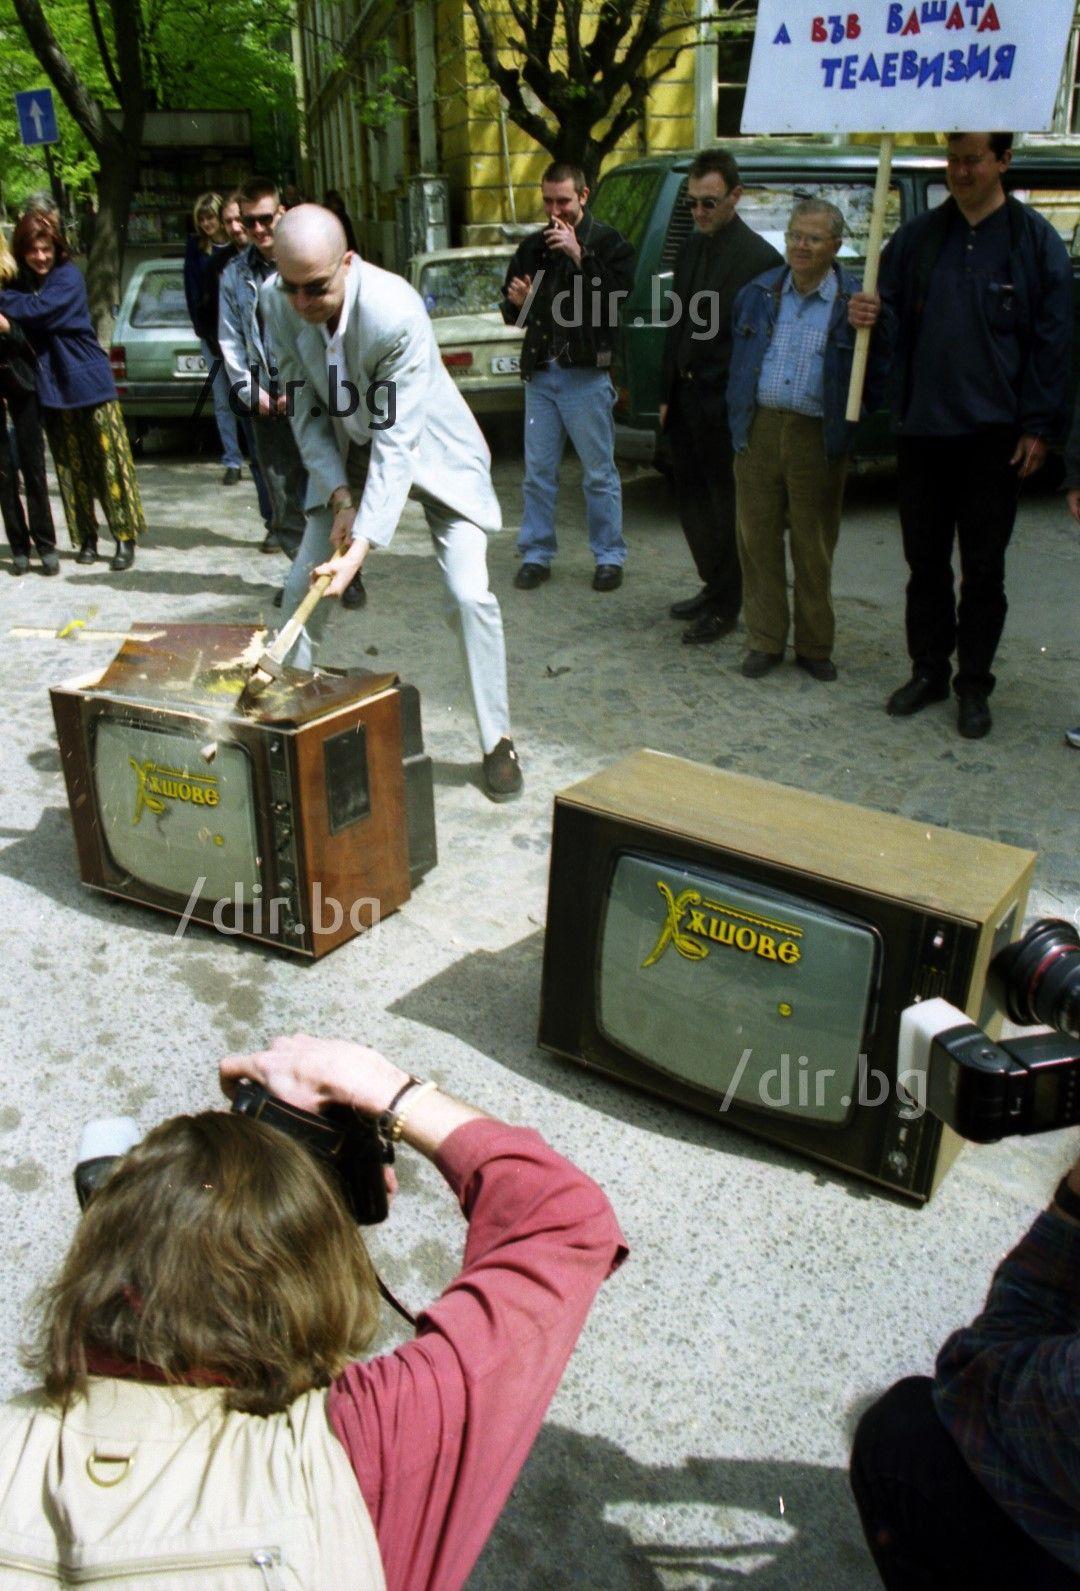 """През април 1998 г. Слави Трифонов счупи с брадва два телевизора пред БНТ в знак на протест срещу цензурата в държавната телевизия. Мотото на проявата беше """"Повредата не е във вашия телевизор, а във вашата телевизия"""" и поводът тогава бе спирането на """"Хъшове"""" след единственото му излъчено пилотно предаване"""